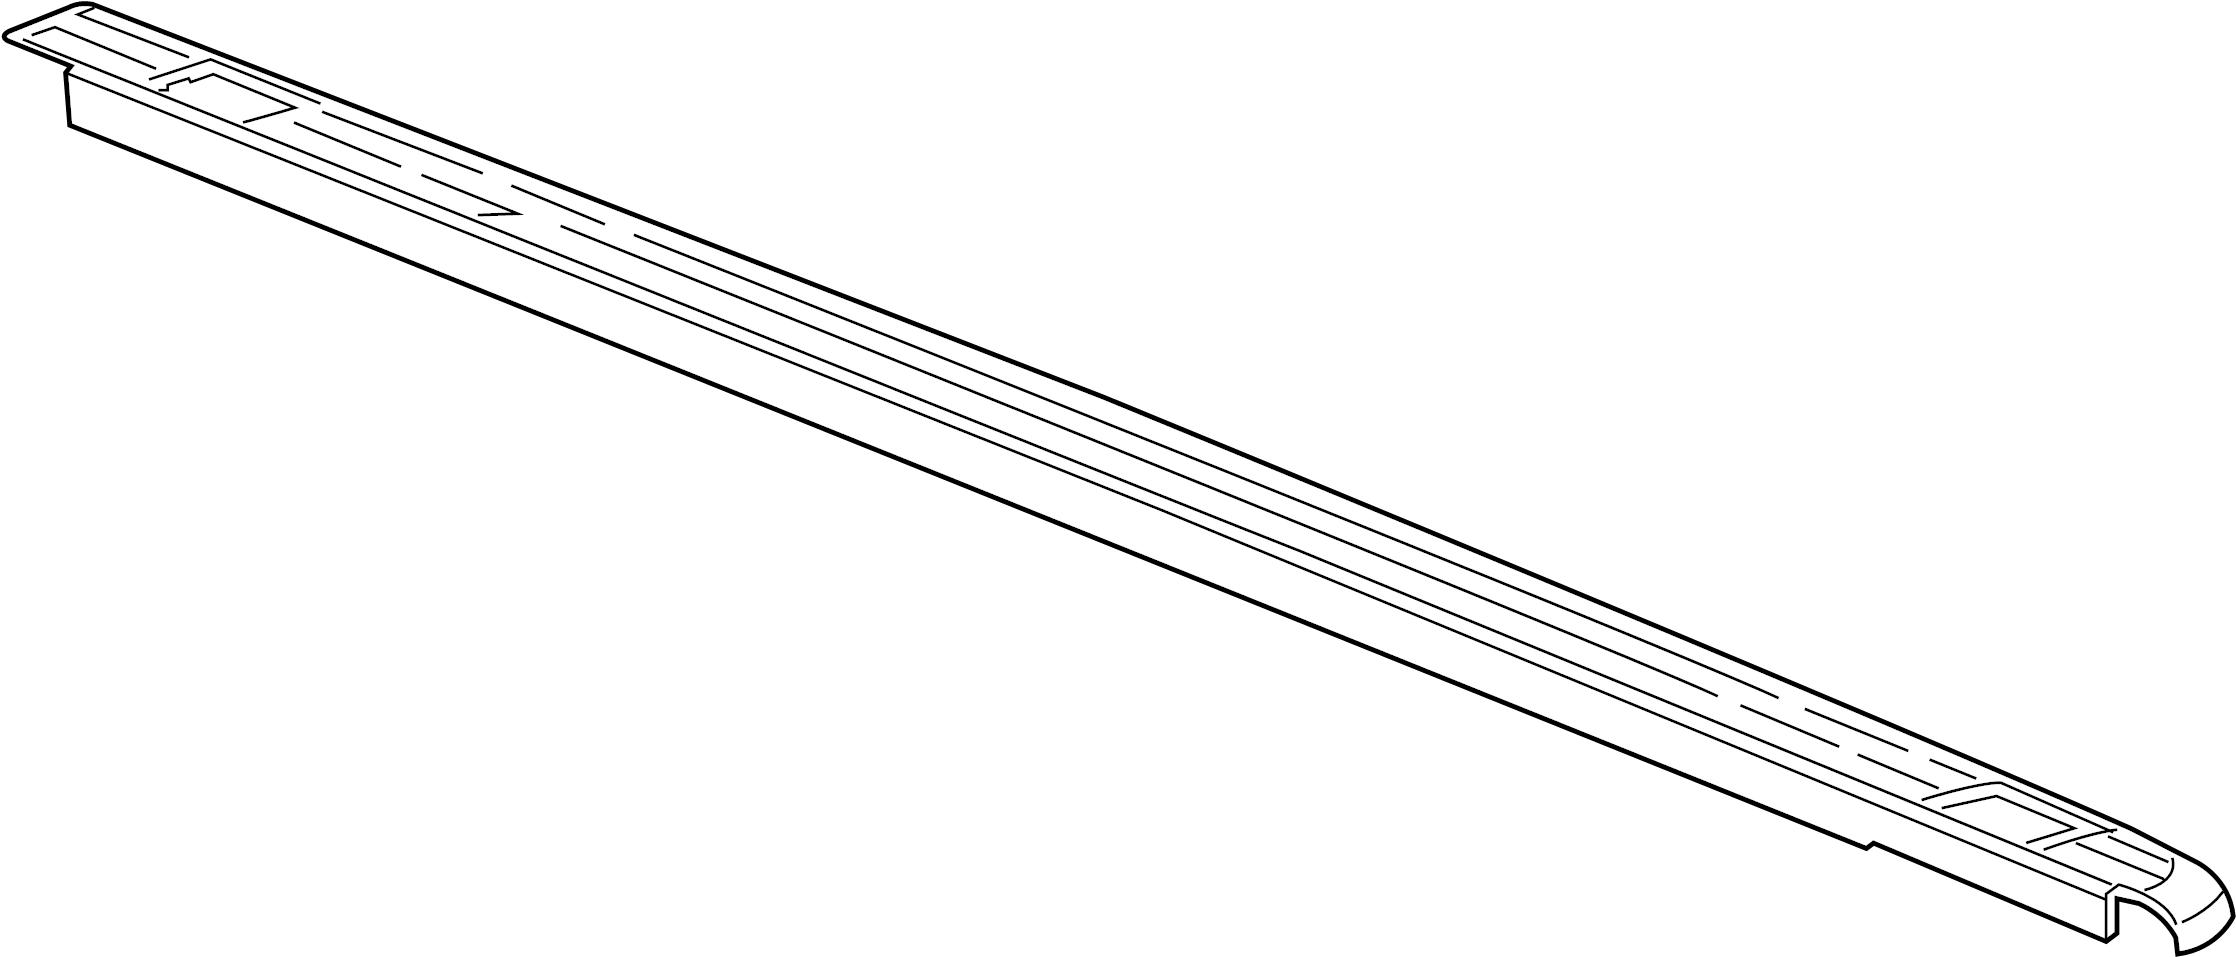 Ck1 2 3 03 43 53 Cover Pkg Tonneau Folding Service